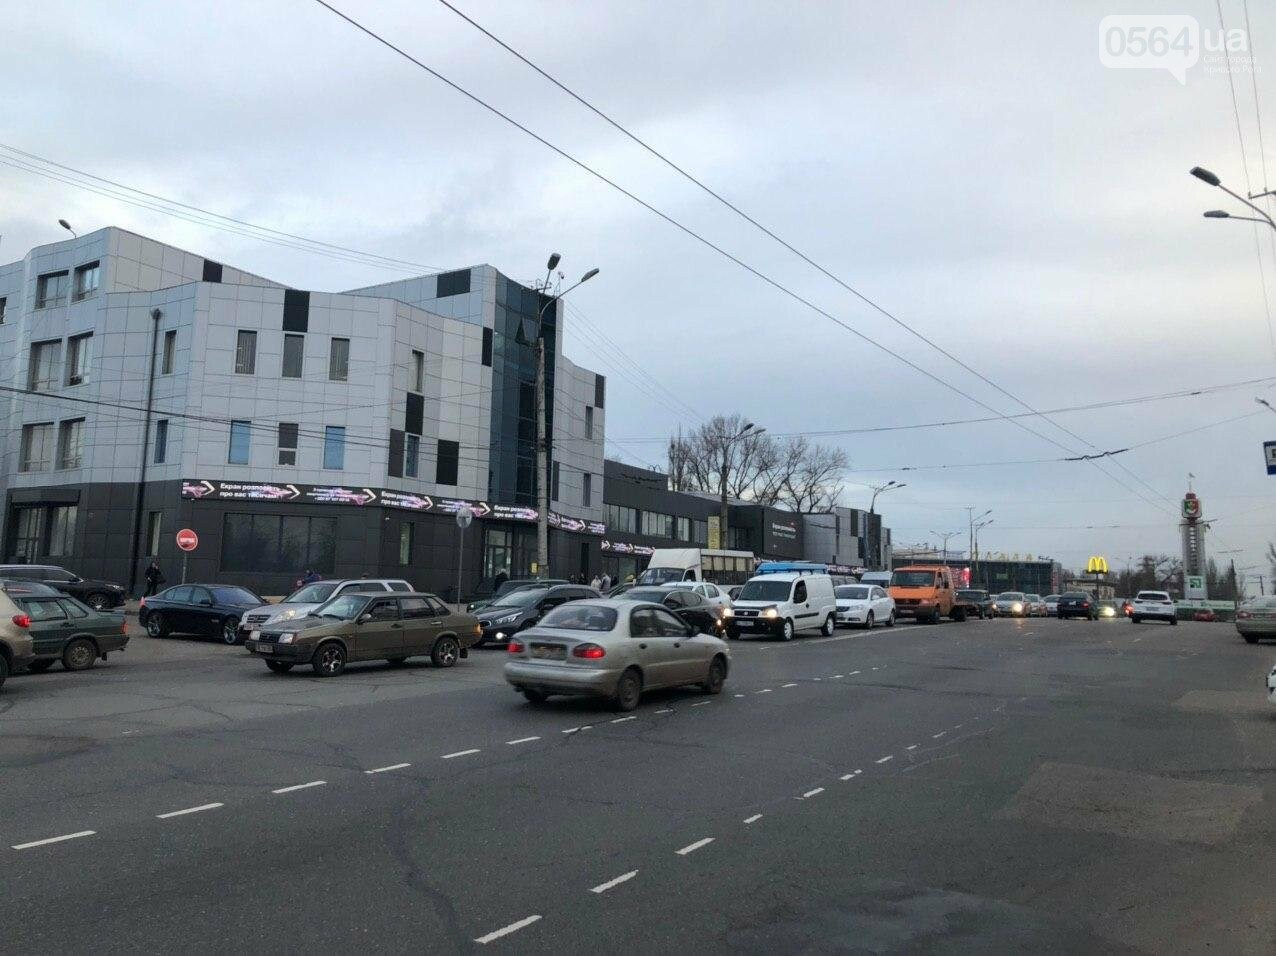 В Кривом Роге столкнулись 4 автомобиля, движение в направлении ул.Волгоградской затруднено, - ФОТО, фото-3